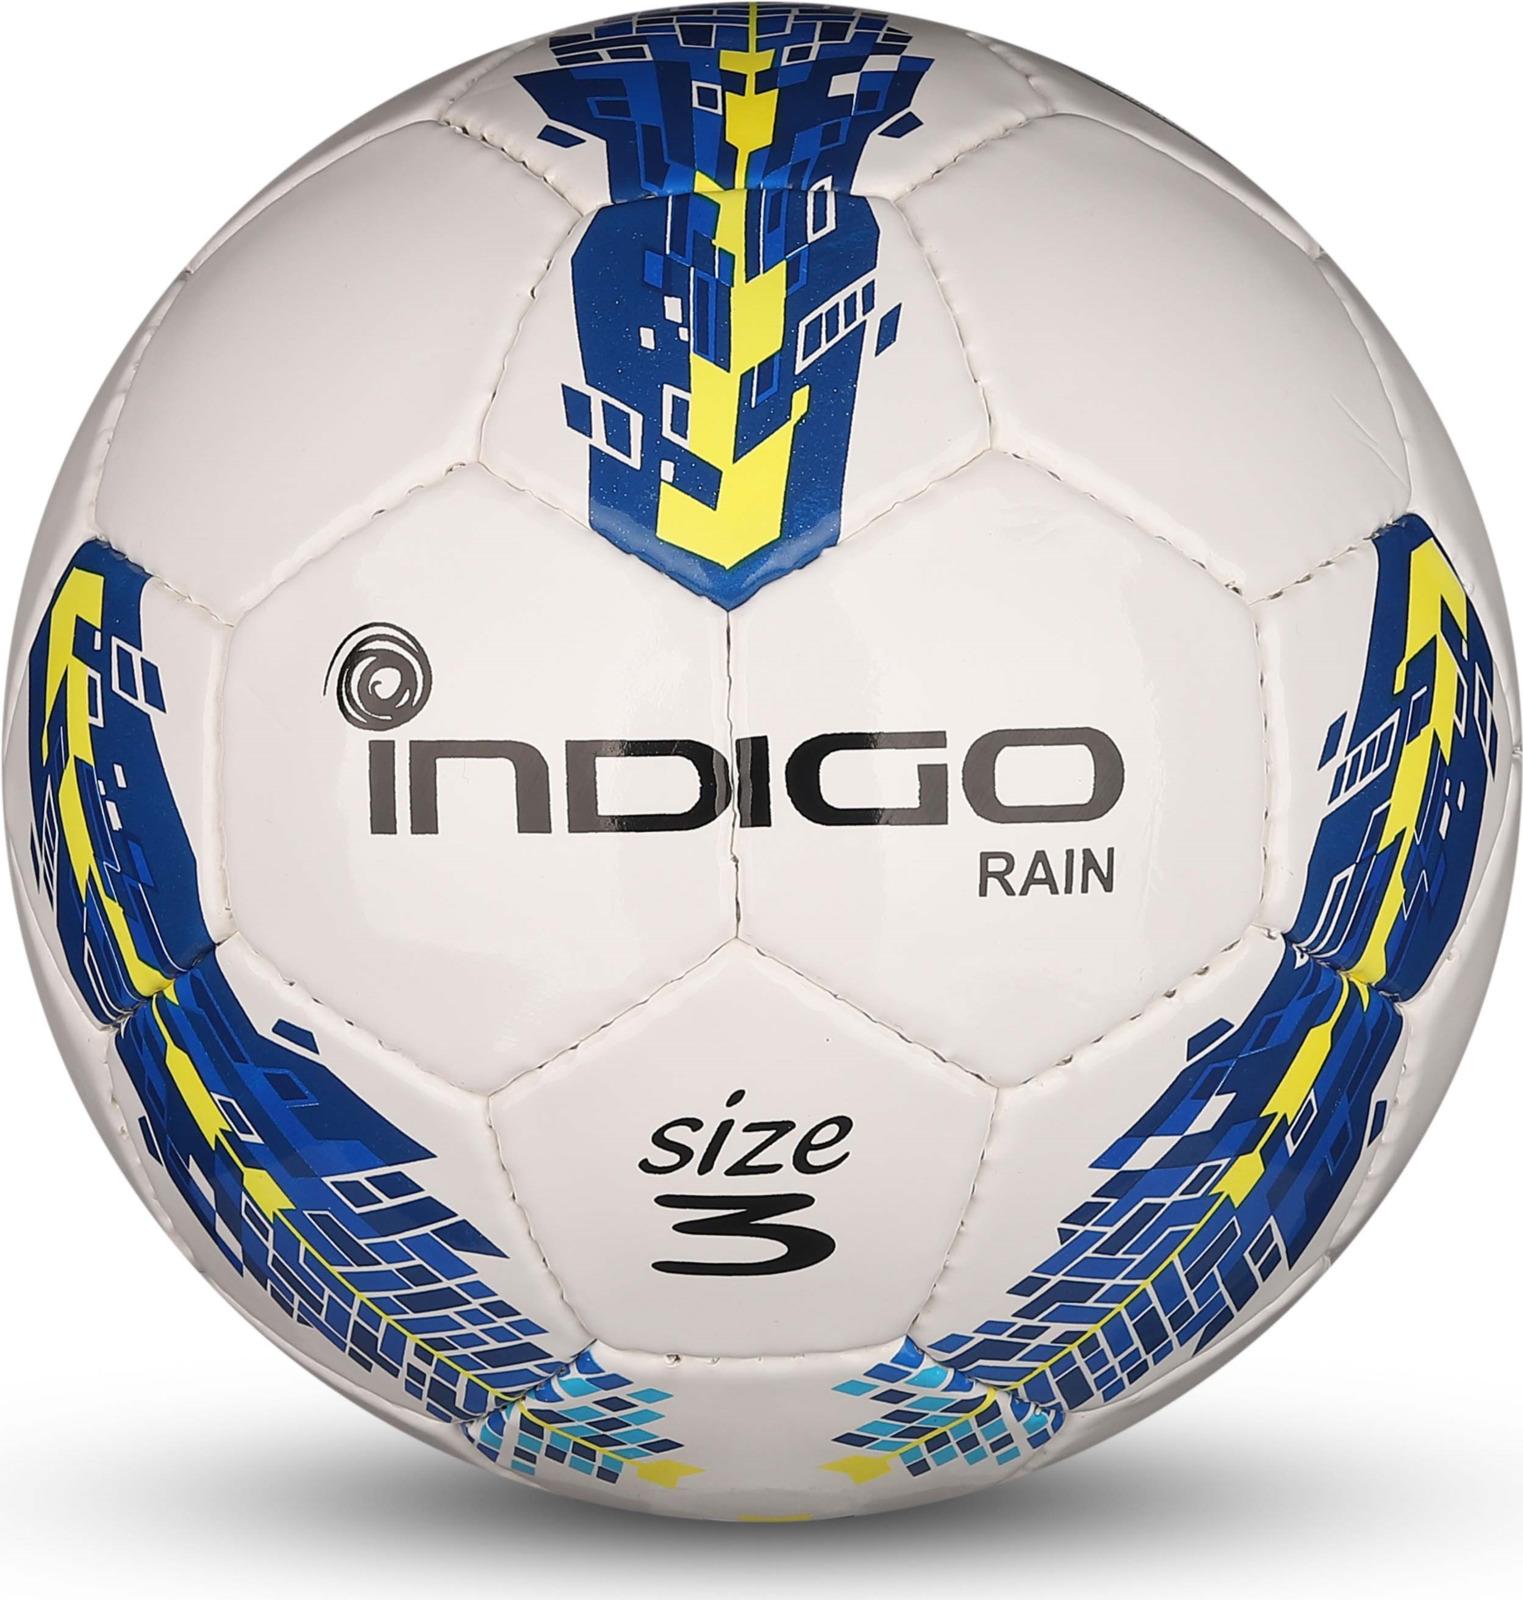 Мяч футбольный Indigo Rain, IN031, белый, синий, желтый, размер 3 толстовка с полной запечаткой printio его величество виктор